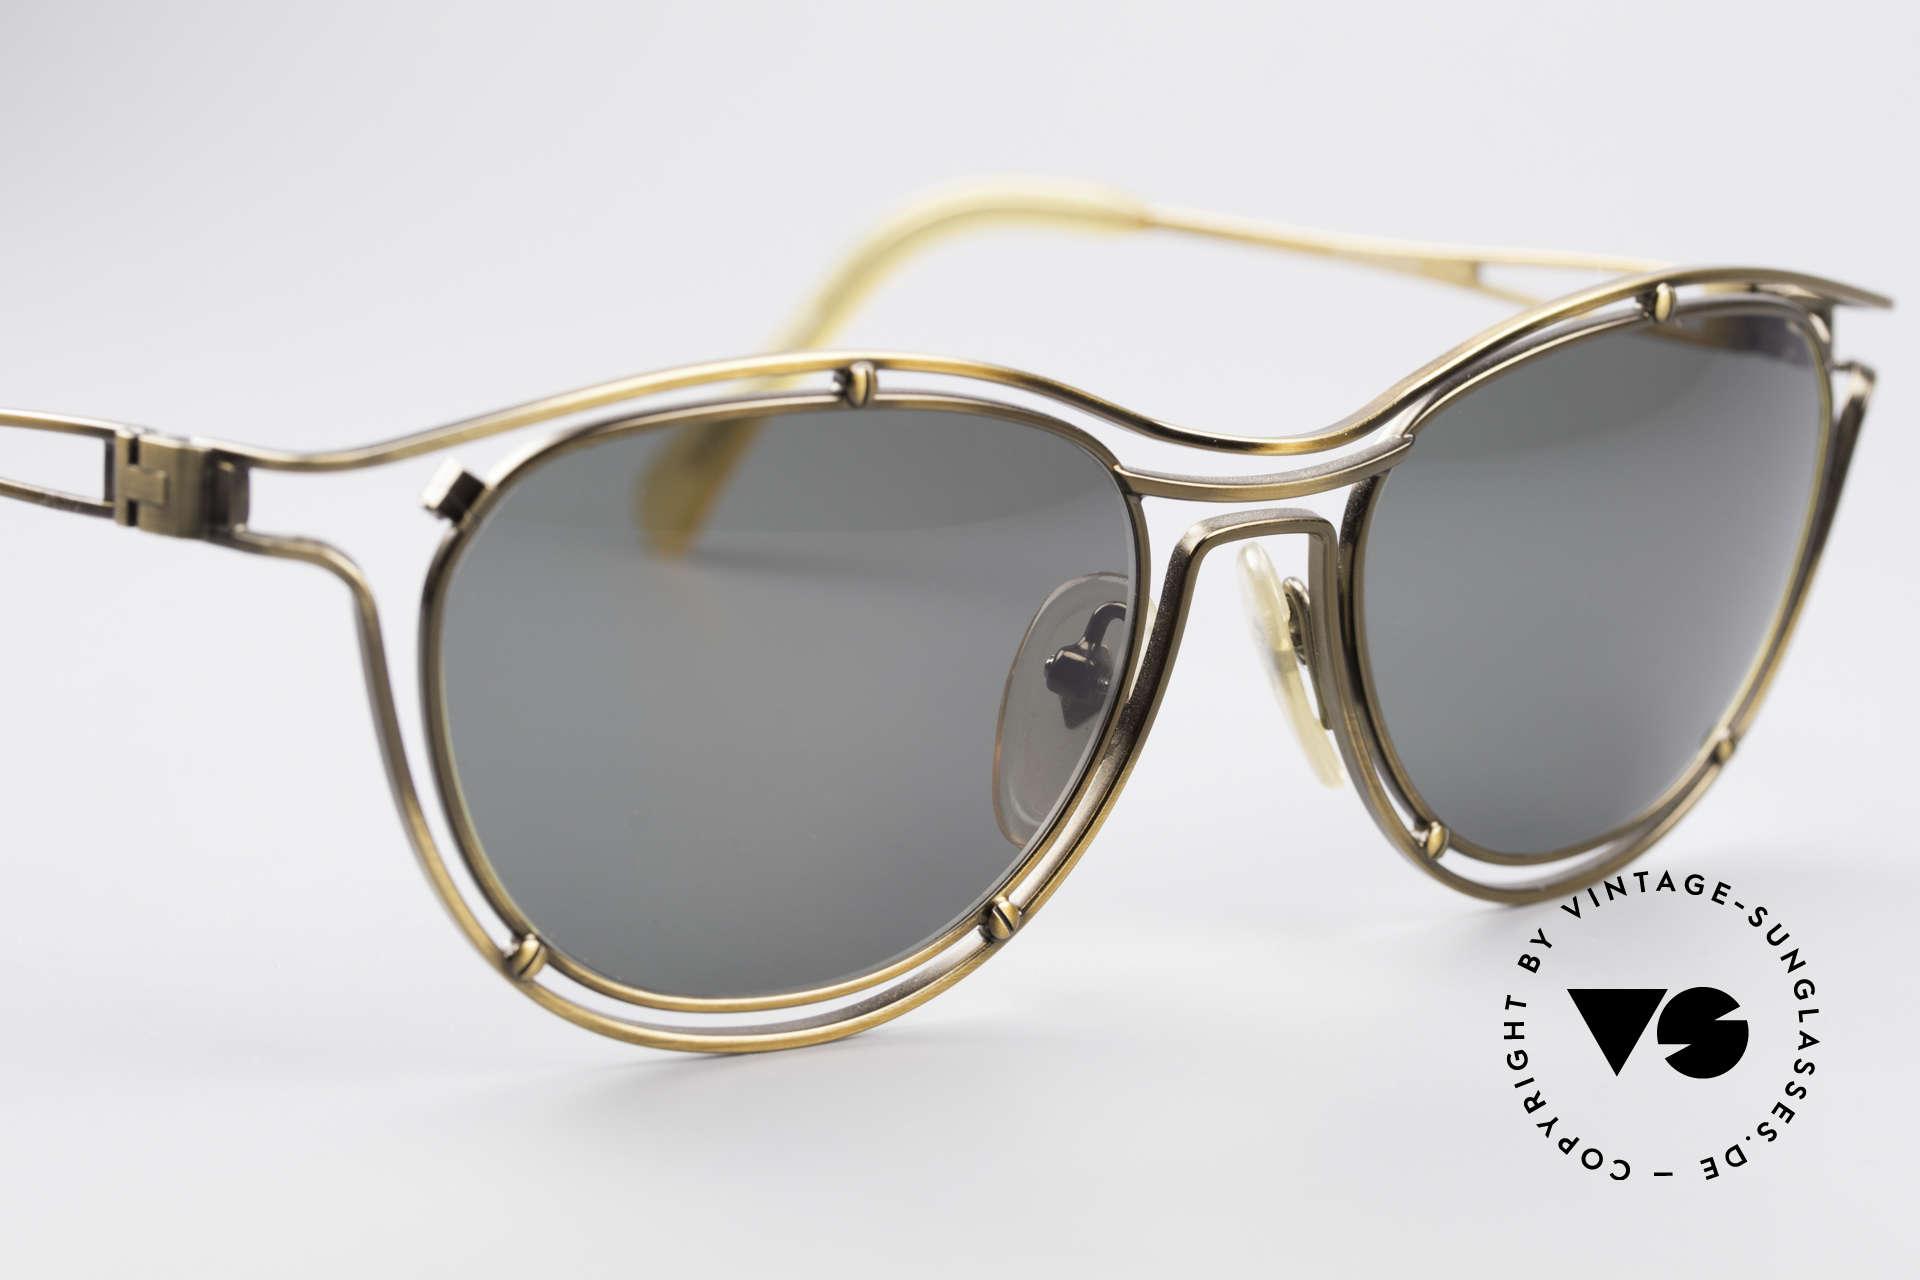 Jean Paul Gaultier 56-2176 90er Designer Sonnenbrille, ungetragen; wie alle unsere 90er JPG Sonnenbrillen, Passend für Herren und Damen